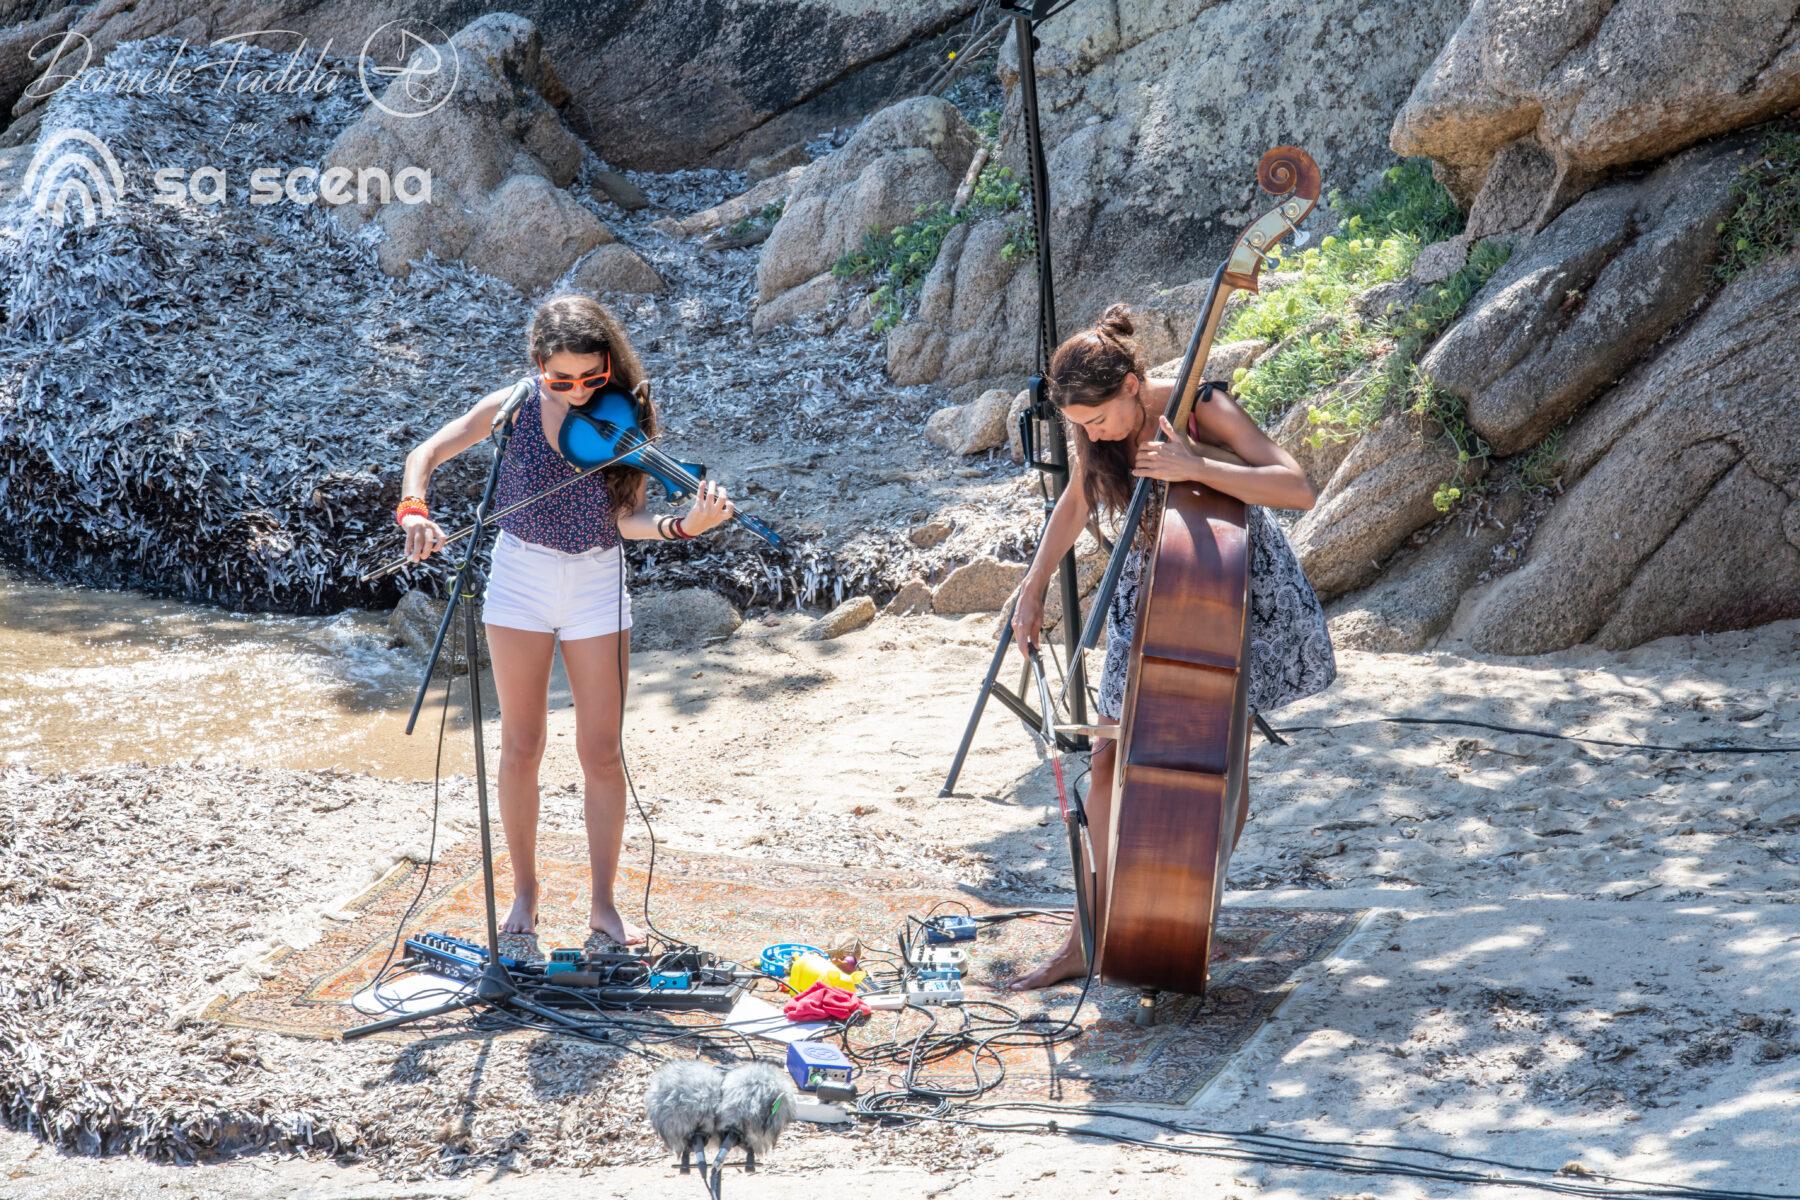 Isole che Parlano - Valeria Sturba - Caterina Palazzi - Daniele Fadda - Cala Martinella - Palau - 13 settembre 2021 - fotoreport - 2021 - Sa Scena - 16 settembre 2021